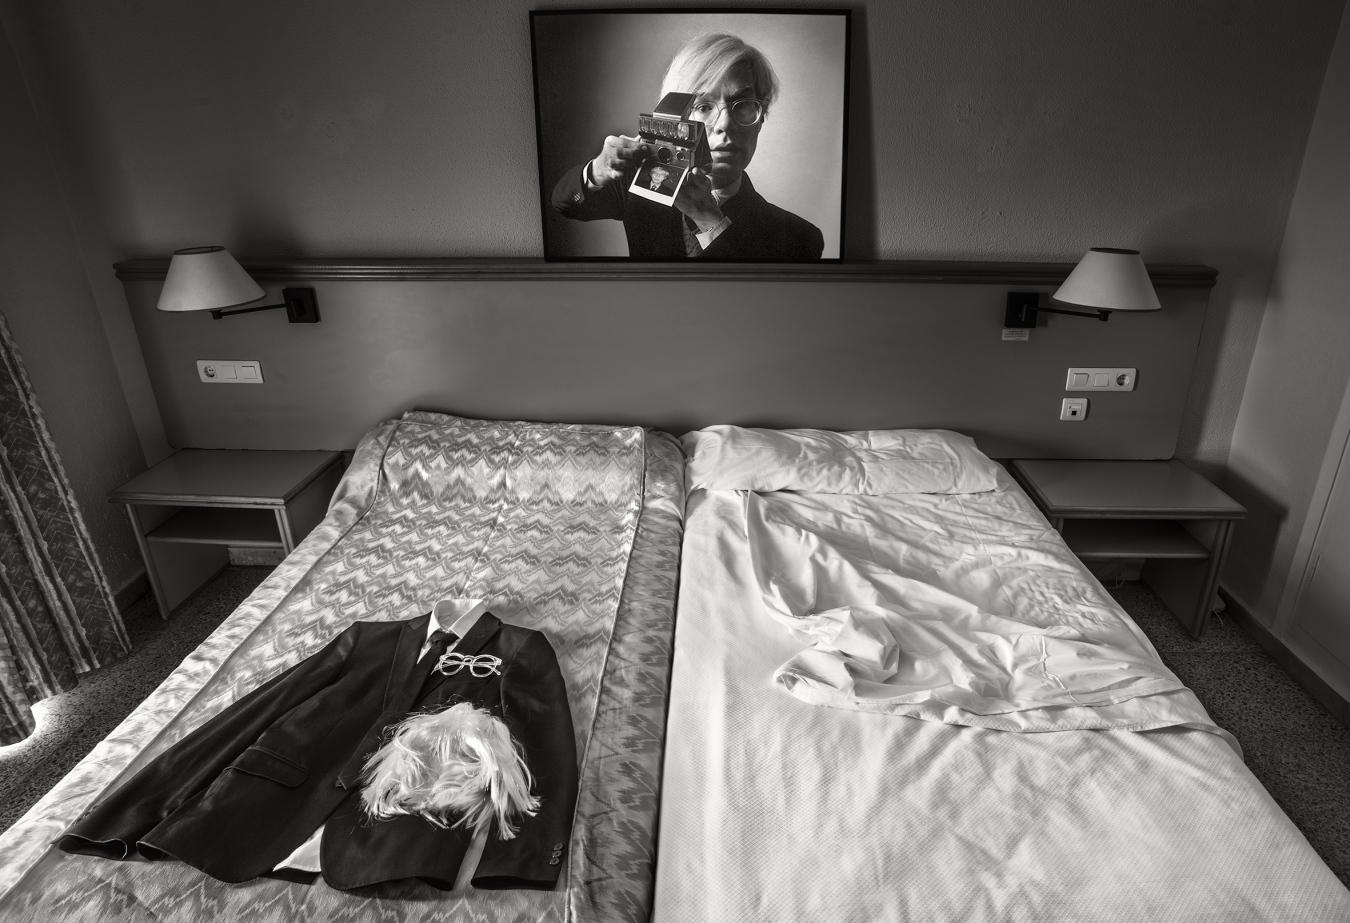 ANDY WARHOL, HUELWARHOL - PIEZAS INDIVIDUALES - MARÍA CLAUSS, Fotógrafa